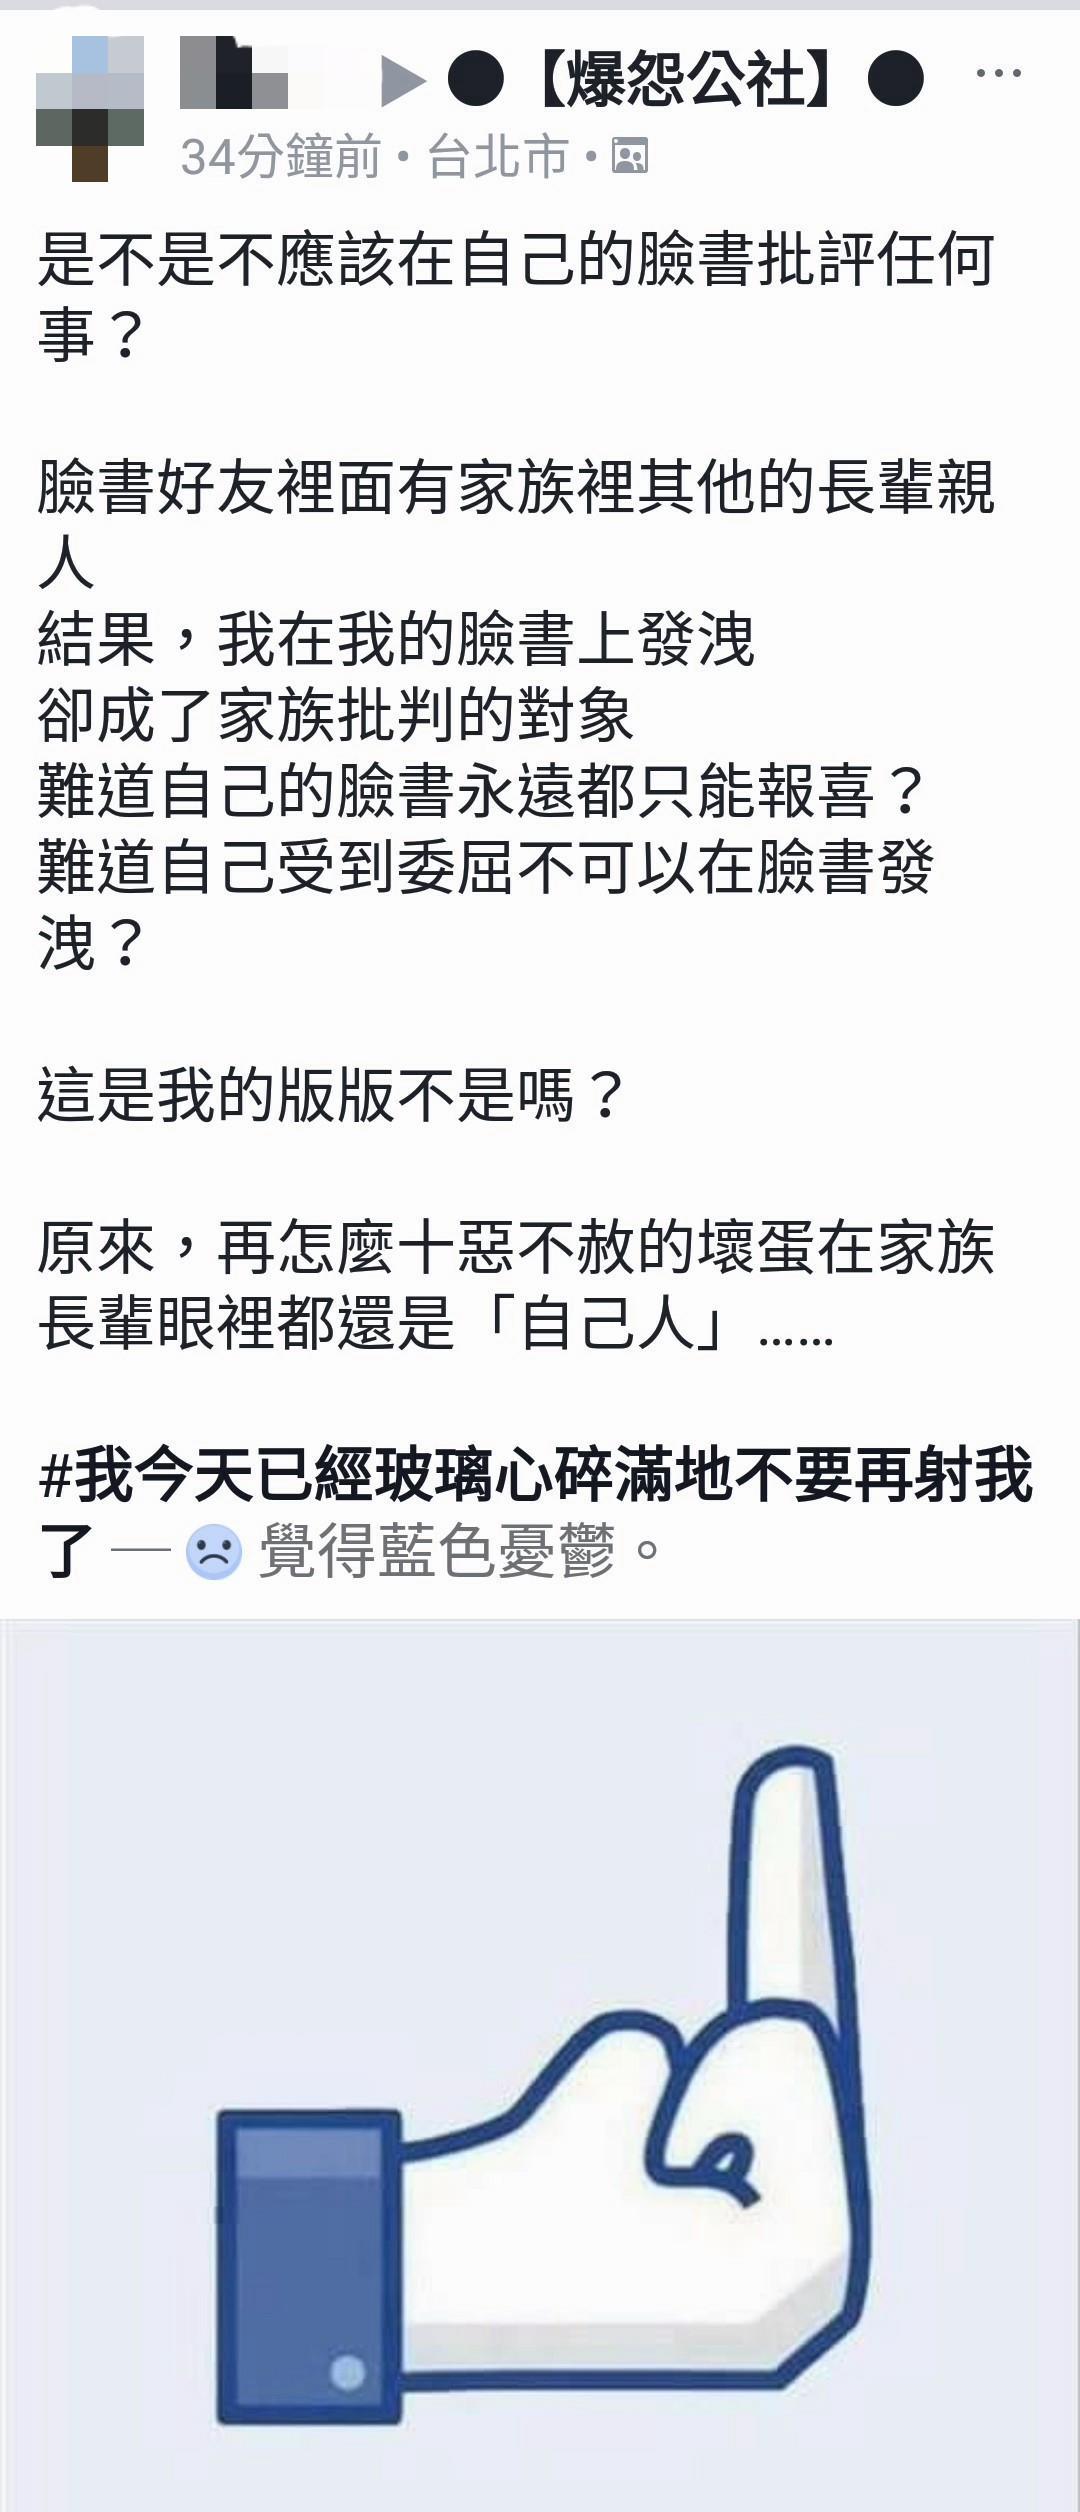 爆料公社 - 臉書上不能發洩自己的委屈不滿嗎?為什麼發個文,還要被親友放大檢視呢?